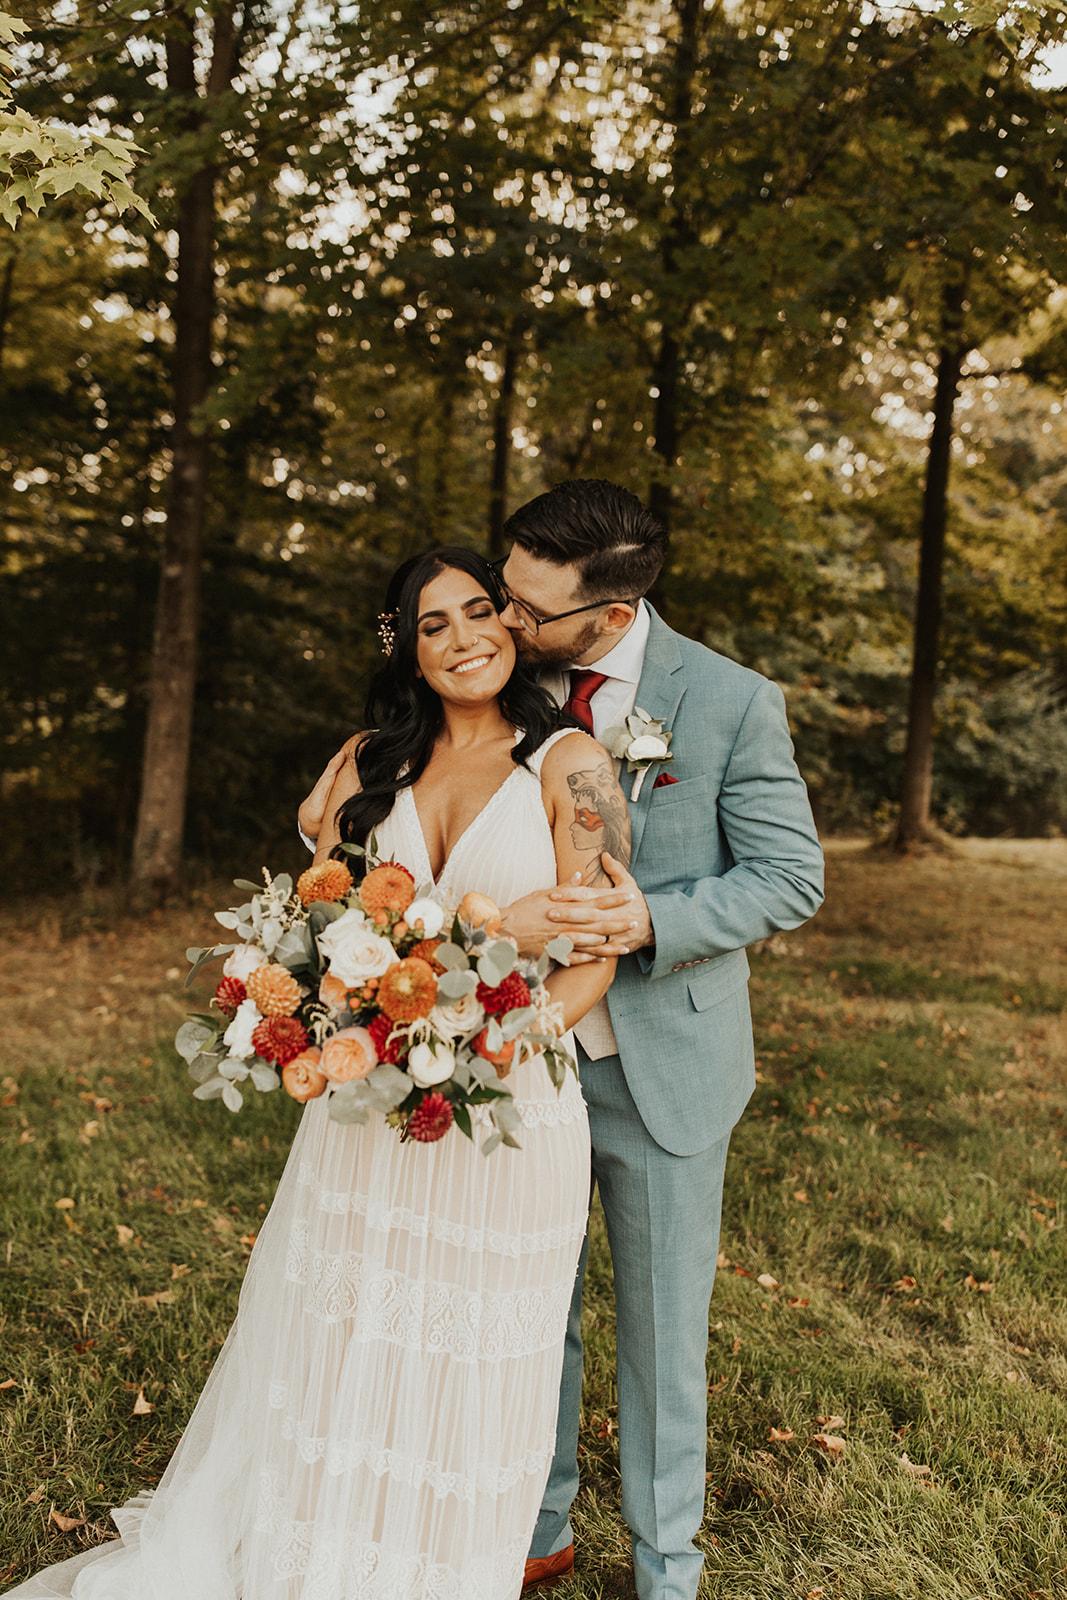 Sean & Brittany 09.27.2019